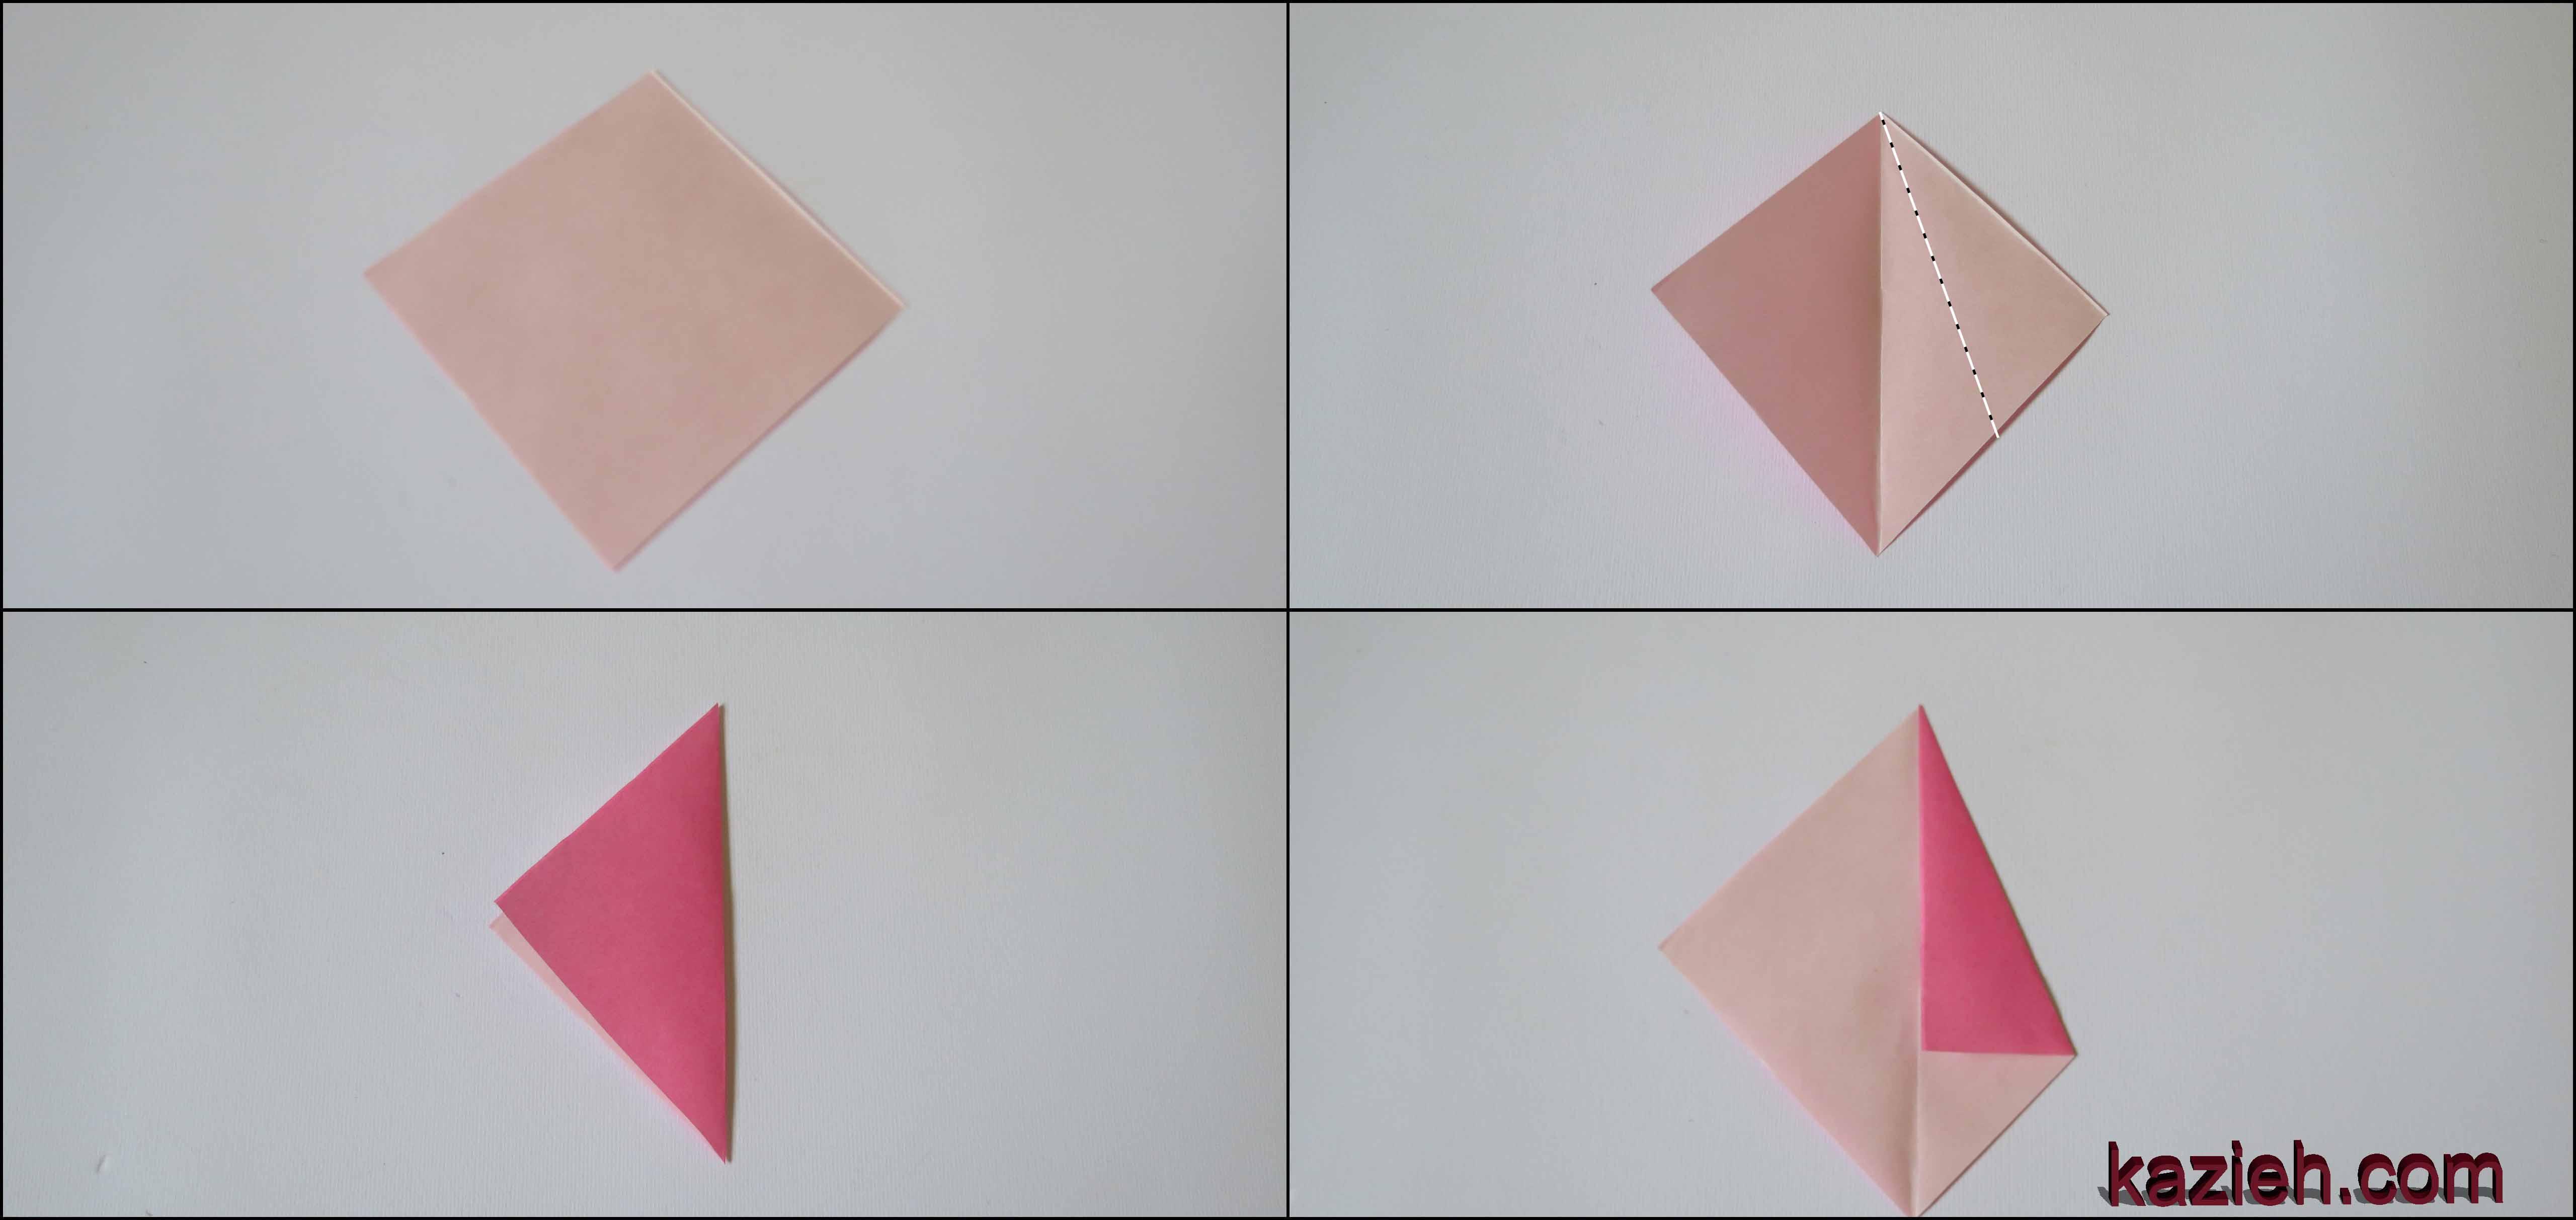 آموزش ستاره اوریگامی رابین- مرحله اول - کازیه